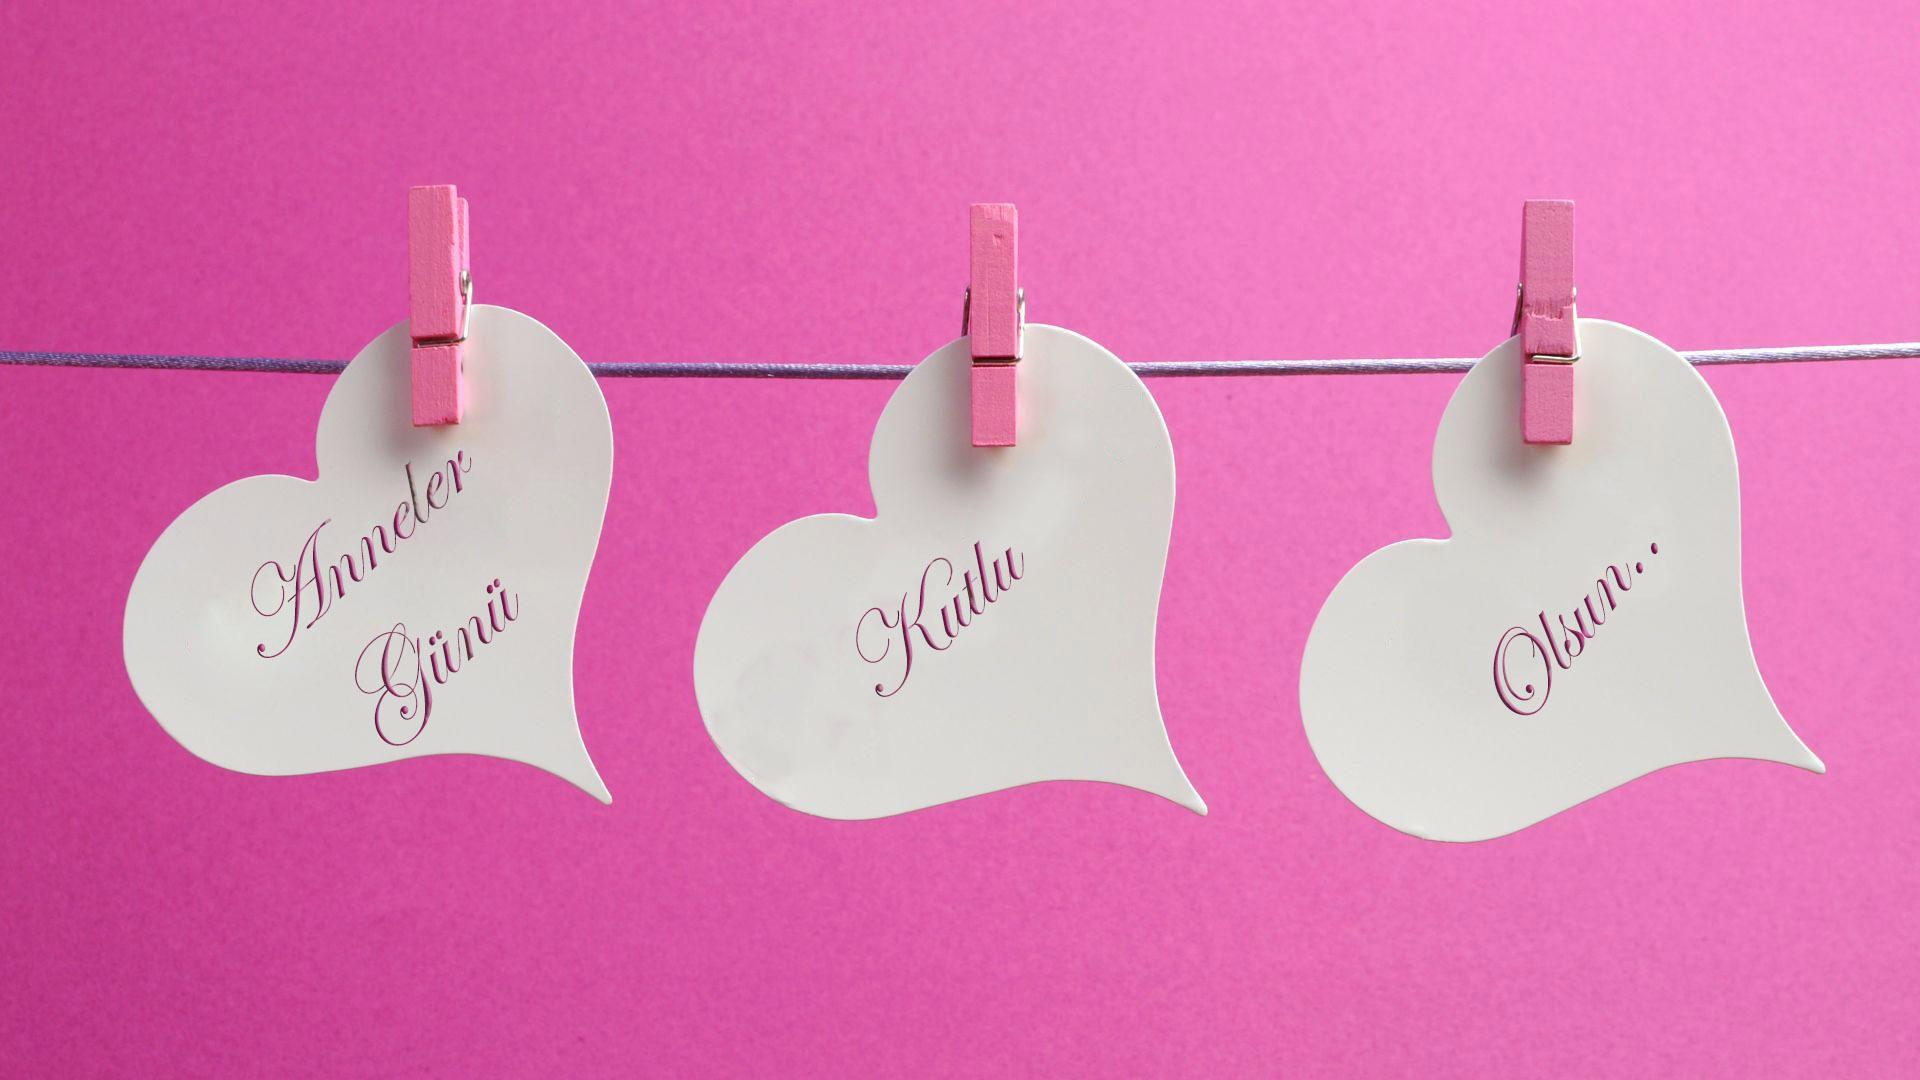 Kalpli Harika Annler Günü Mesajı (Resimli). Anneler Günü Mesajı Resimli..